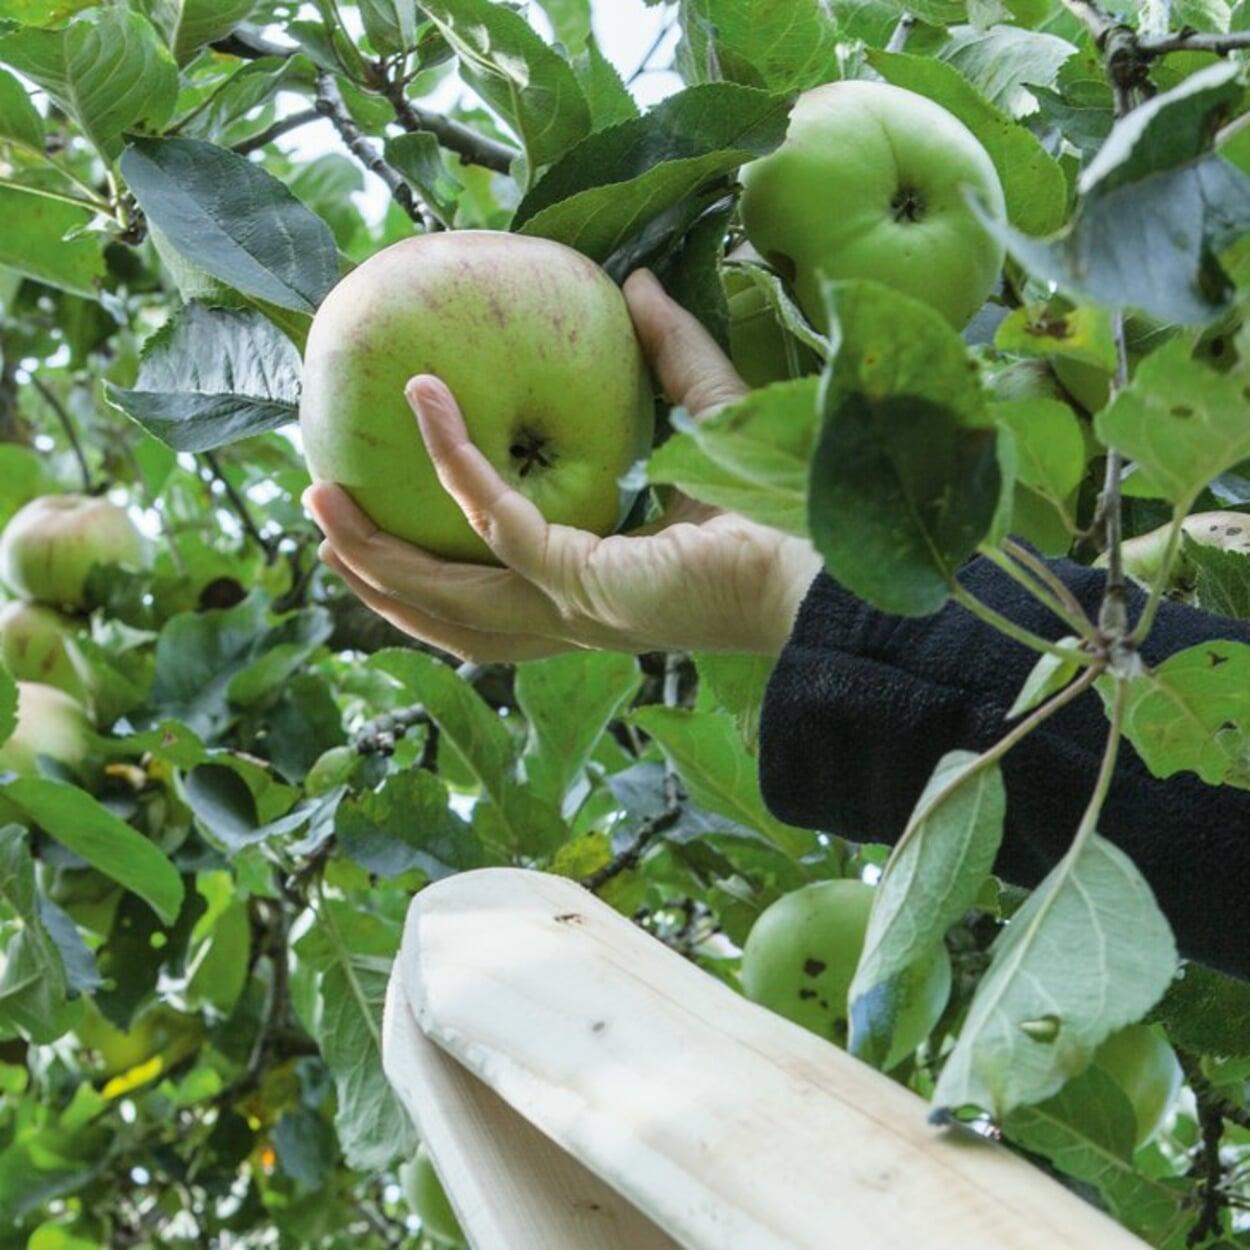 Äpfel mit einer drehenden Bewegung der Hand pflücken